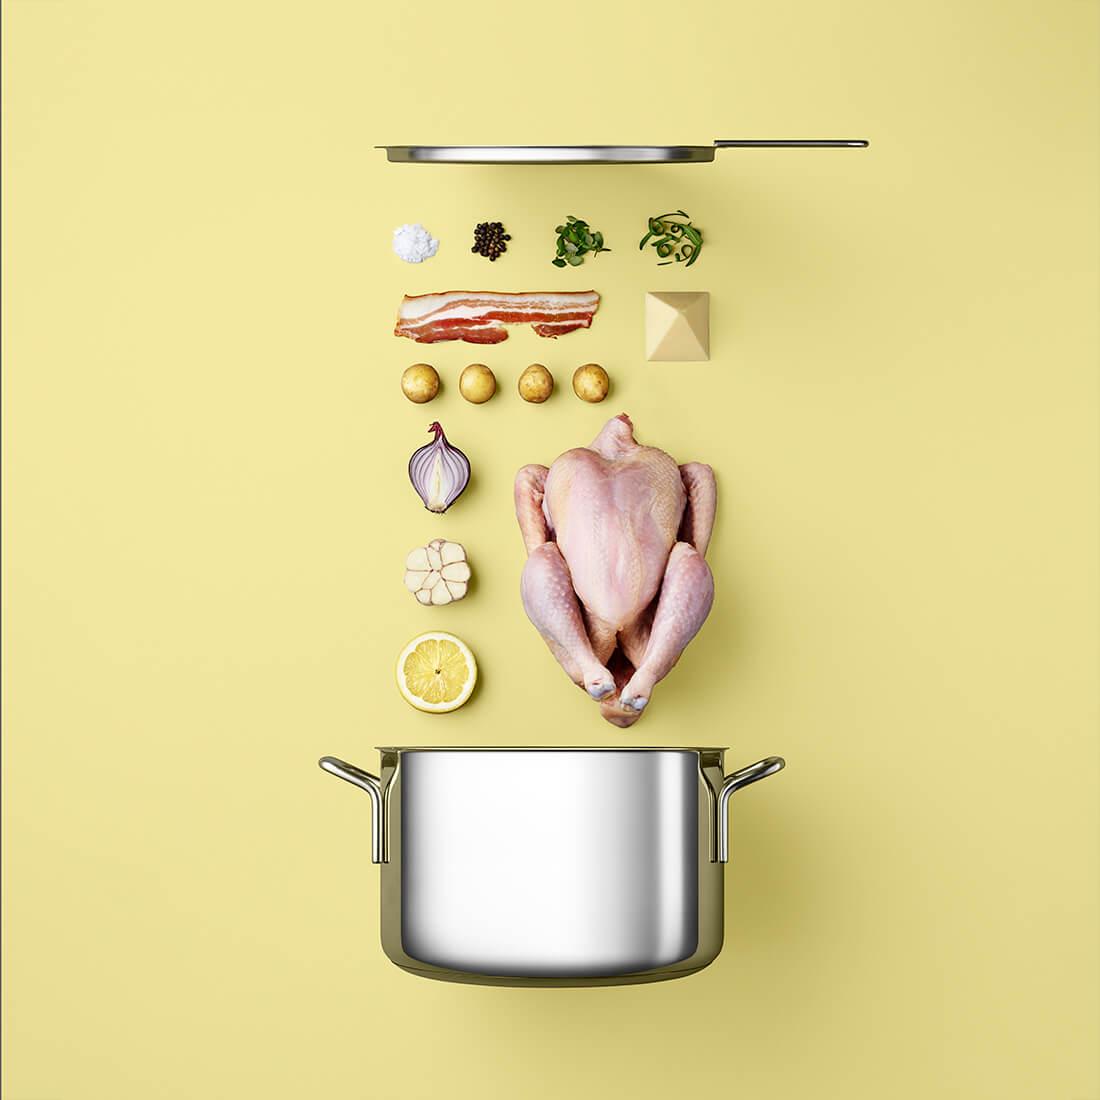 Рецепты из компонентов еды, Стильные фото 6